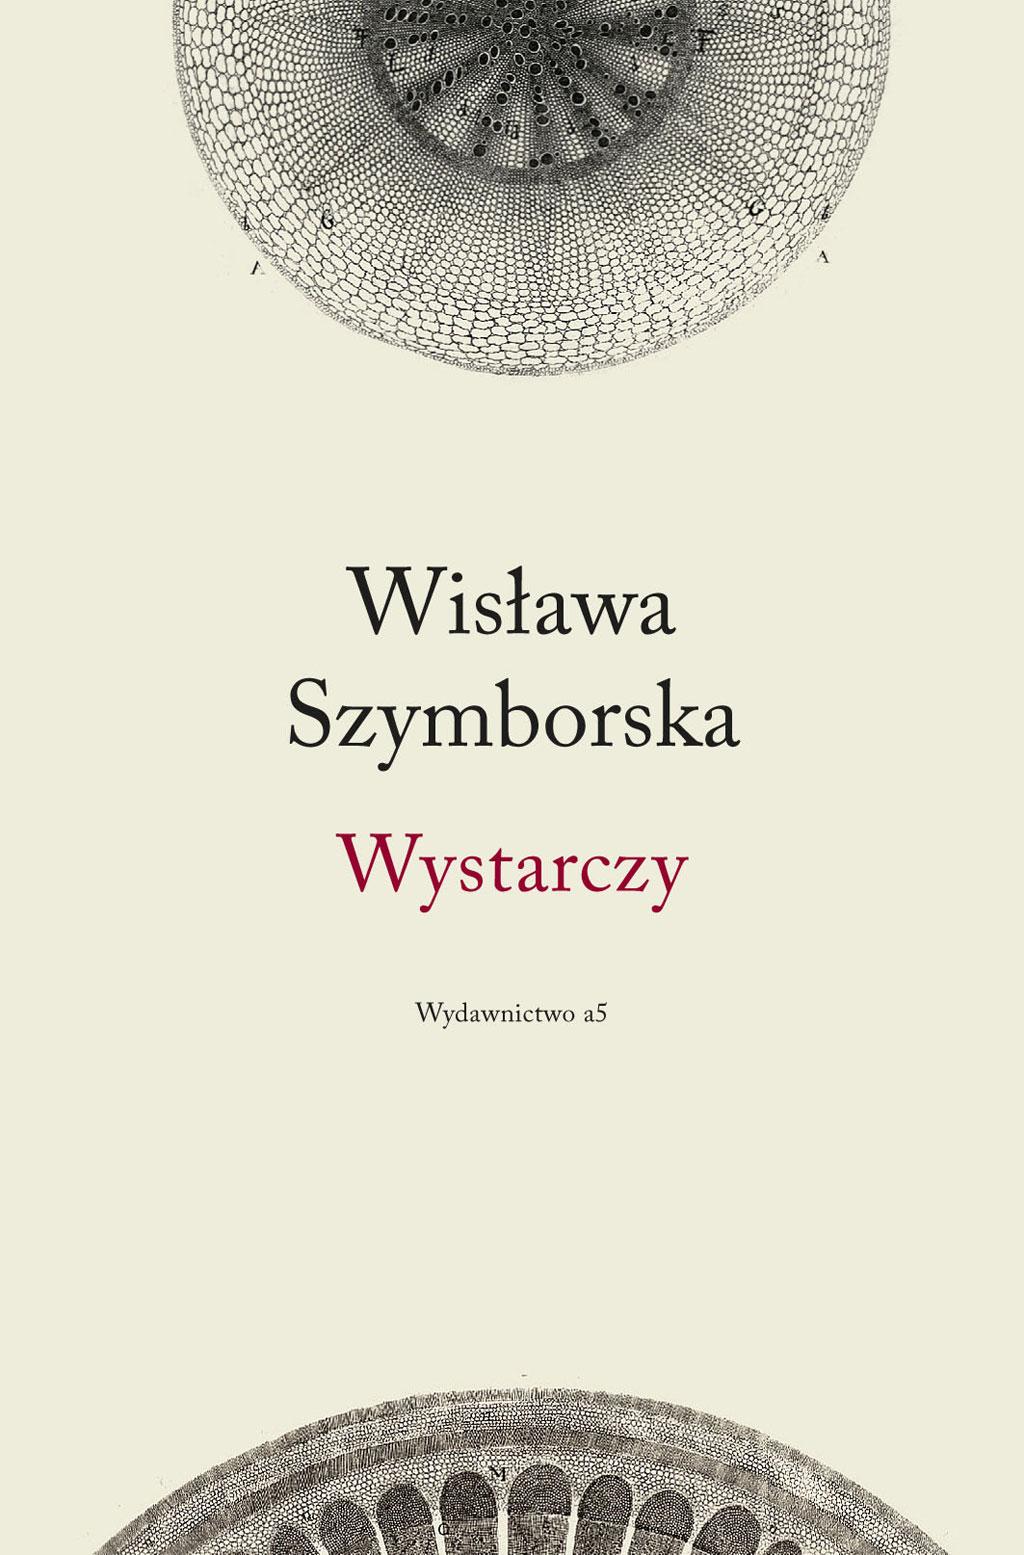 Ostatni Tomik Wisławy Szymborskiej Koniec I Początek